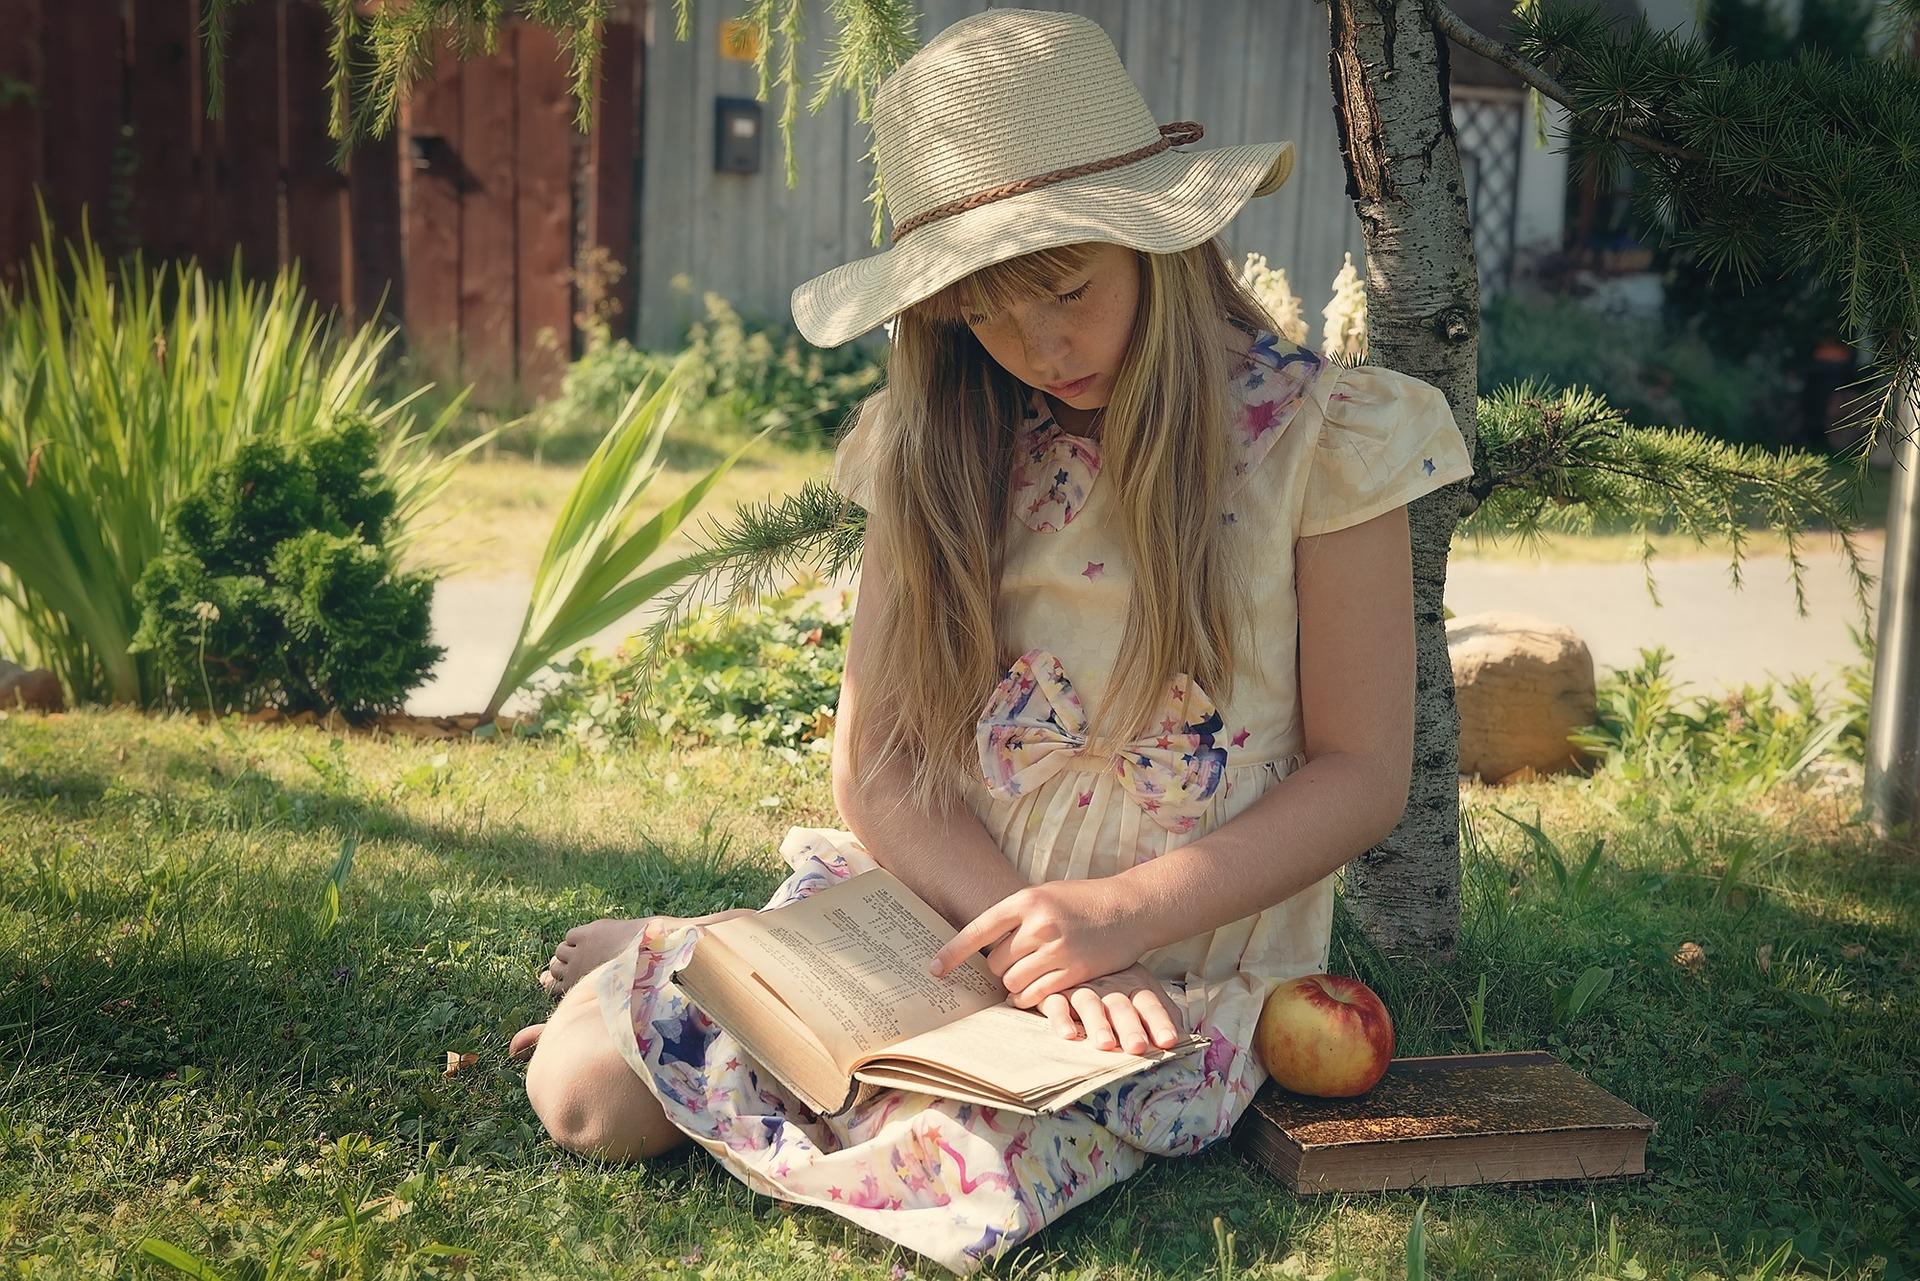 Buch Mädchen 12 Jahre - Hier wirst du fündig!